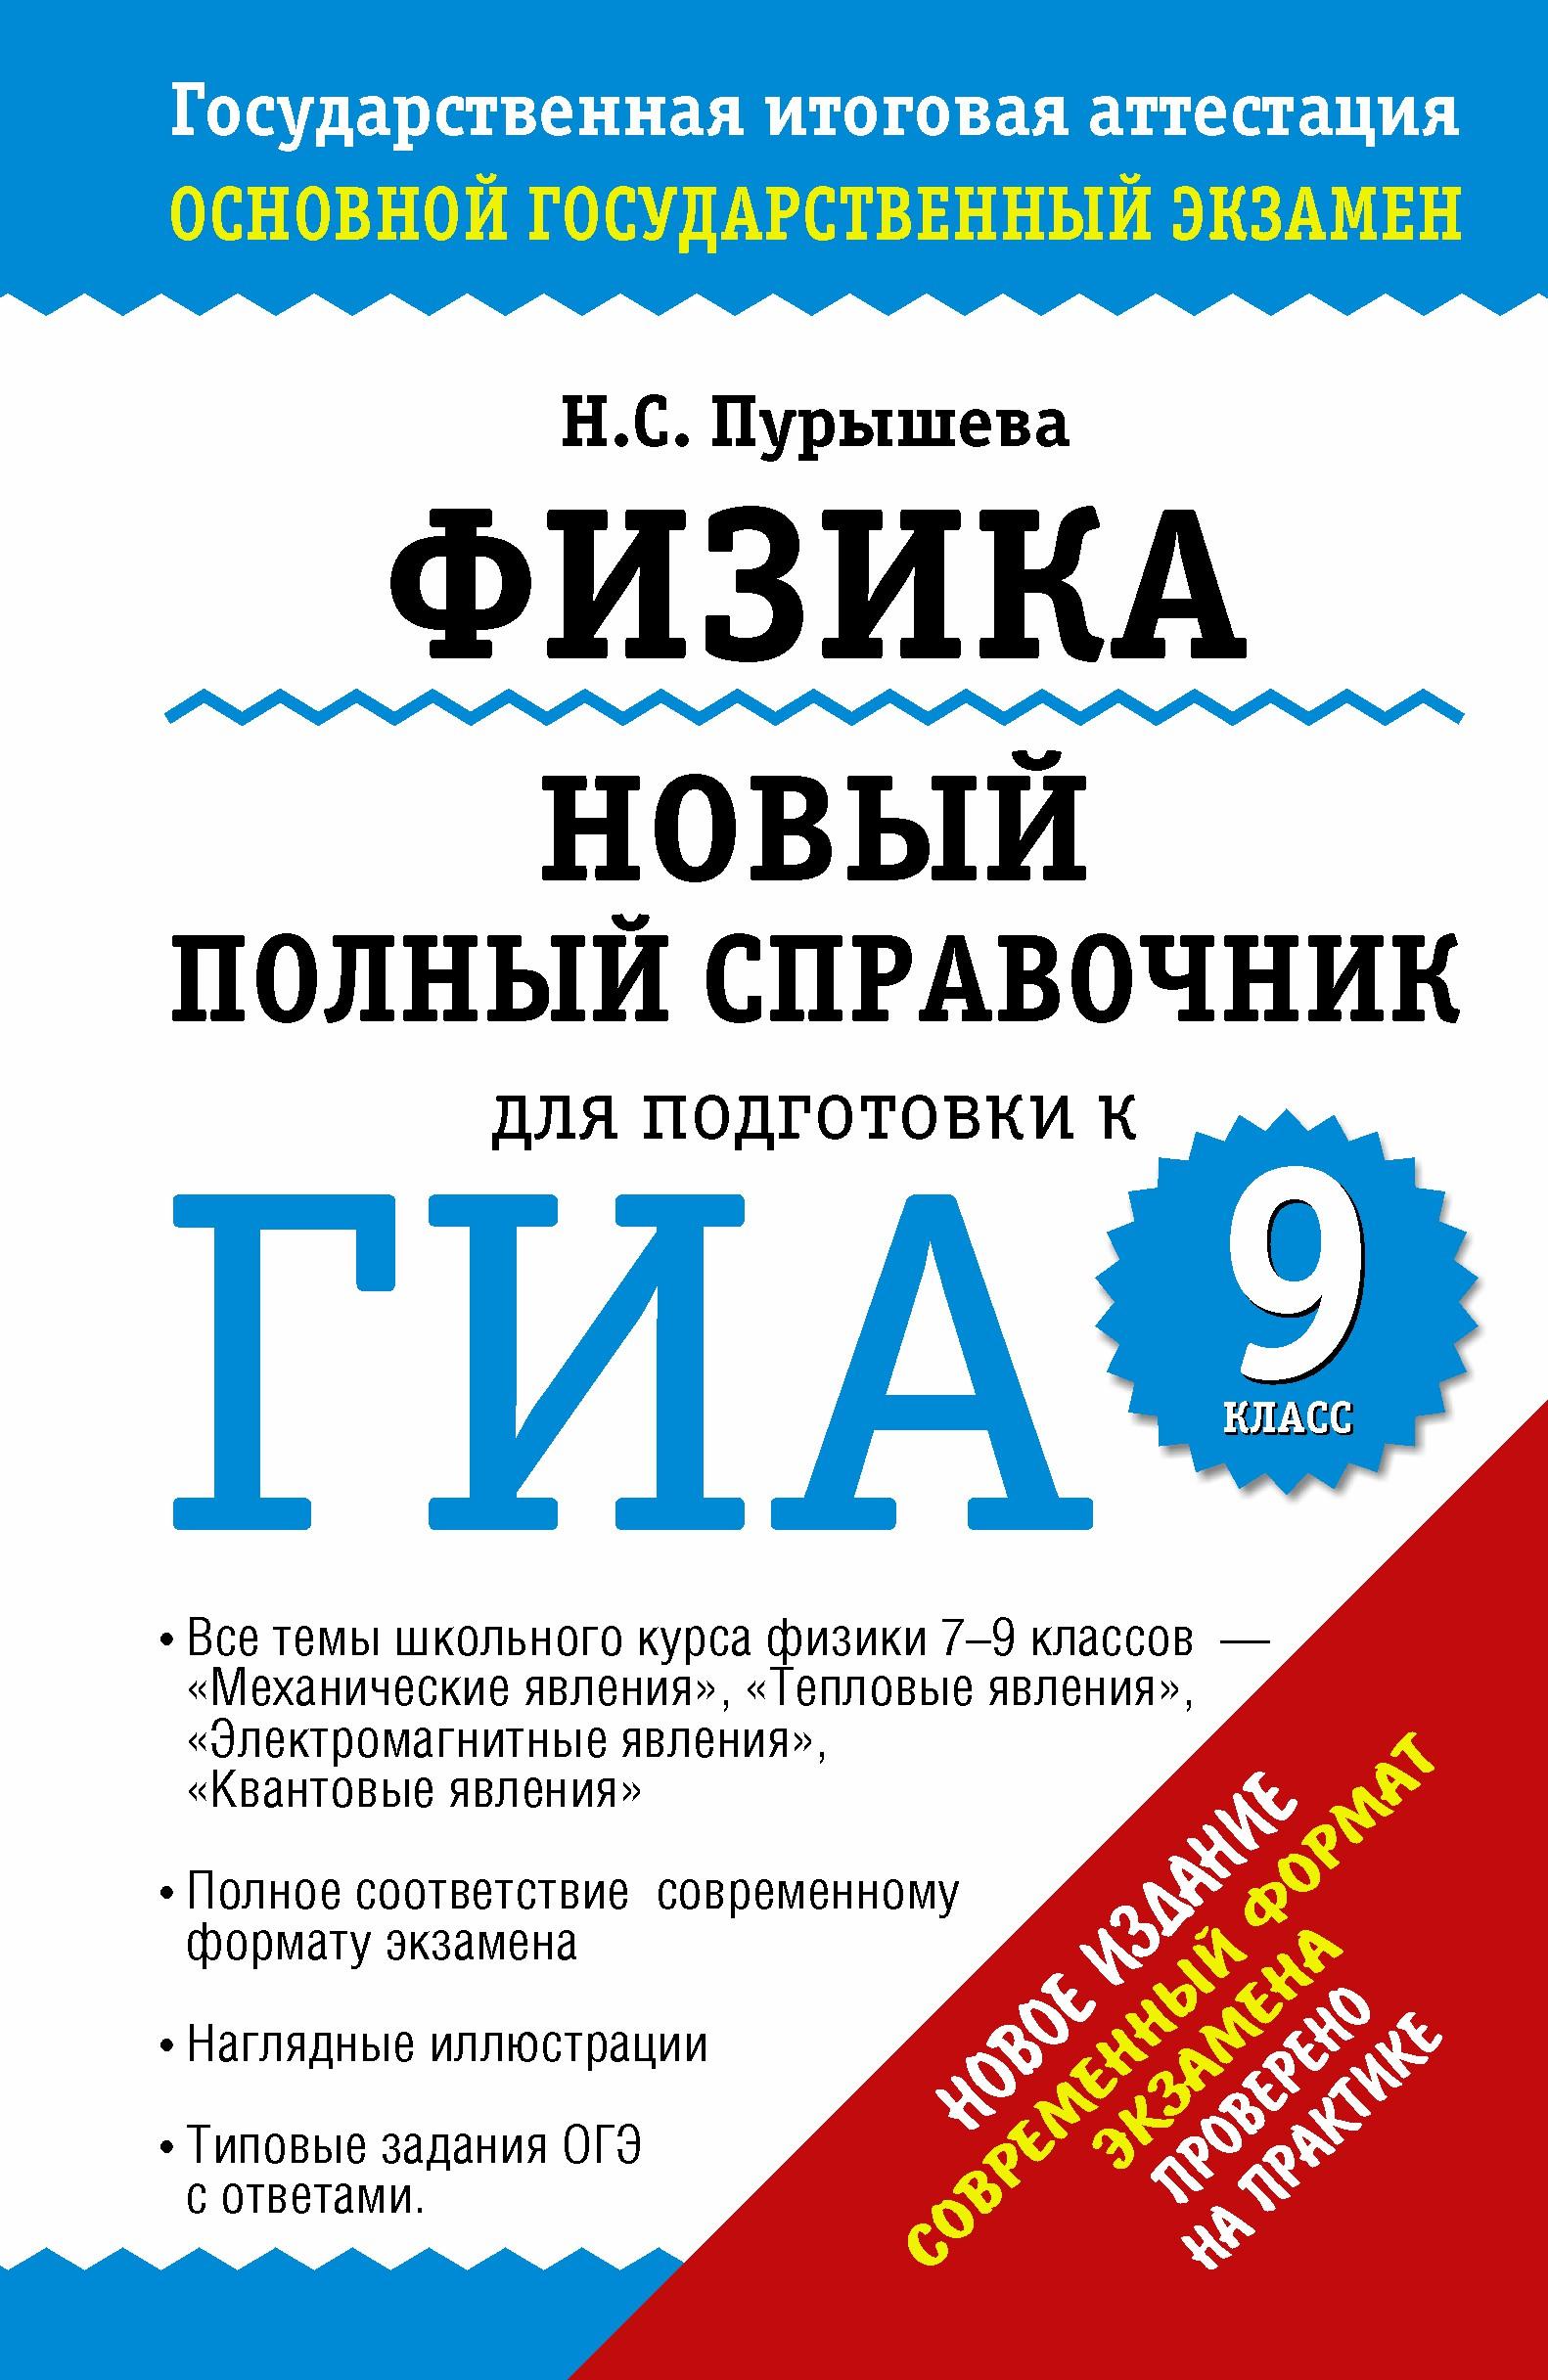 ГИА-2015. Физика. 9 класс. Новый полный справочник для подготовки к ГИА